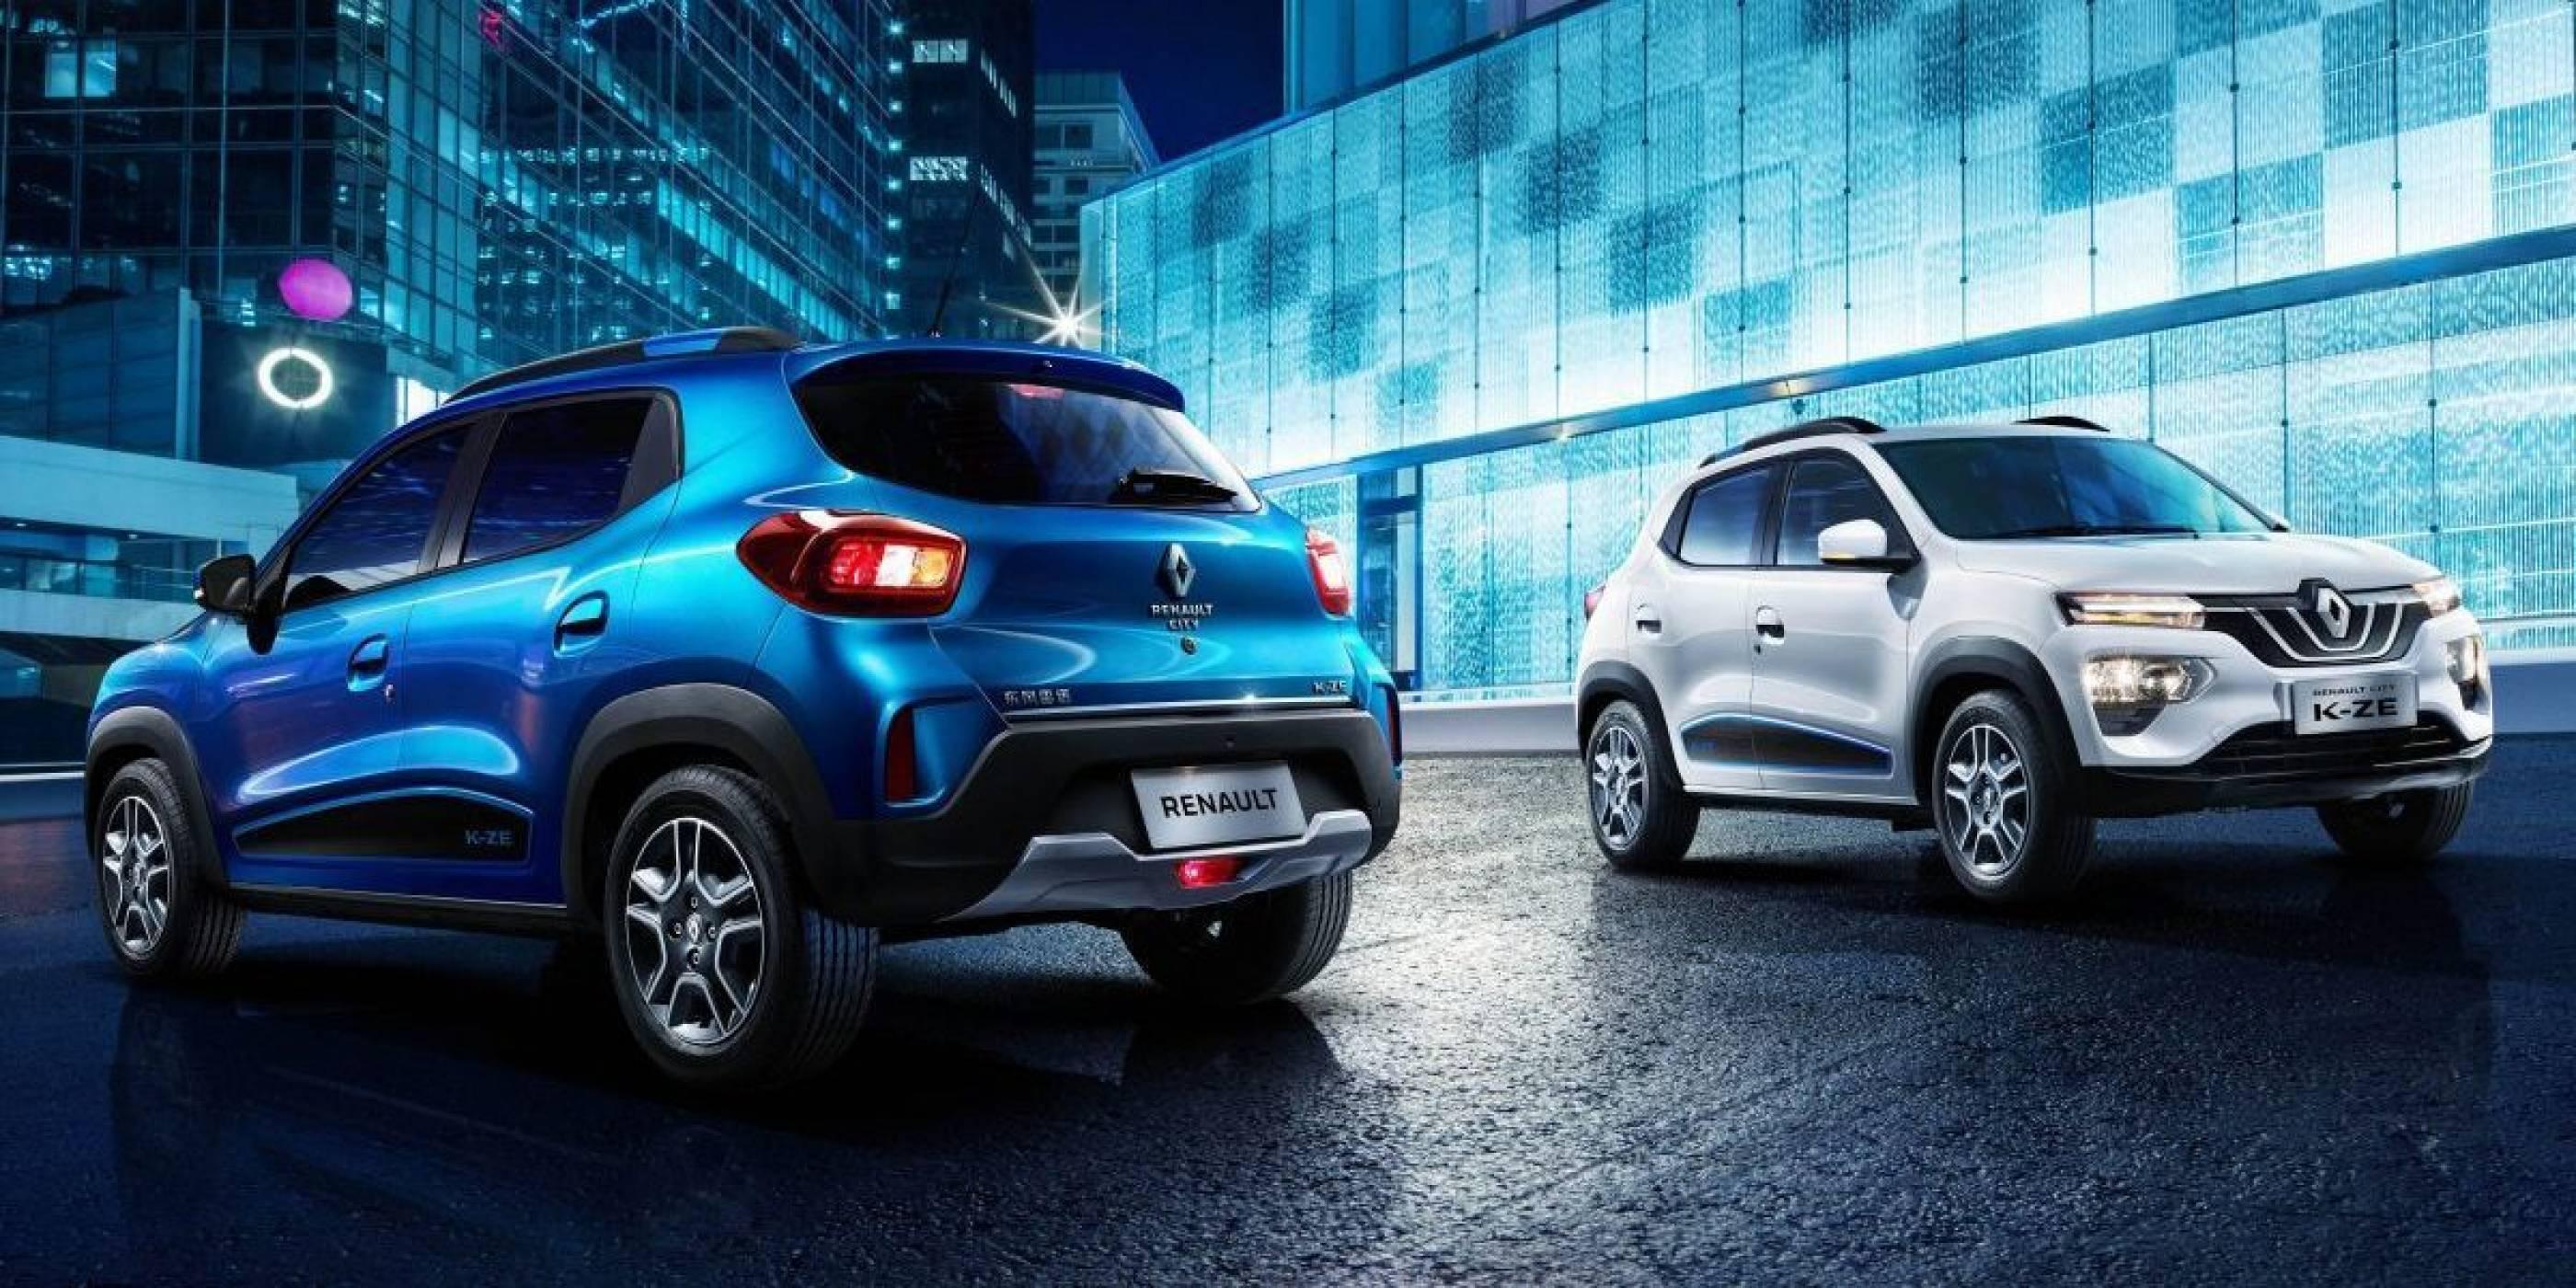 Renault K-ZE е уникално евтин е-кросоувър, стига да сте в... Китай